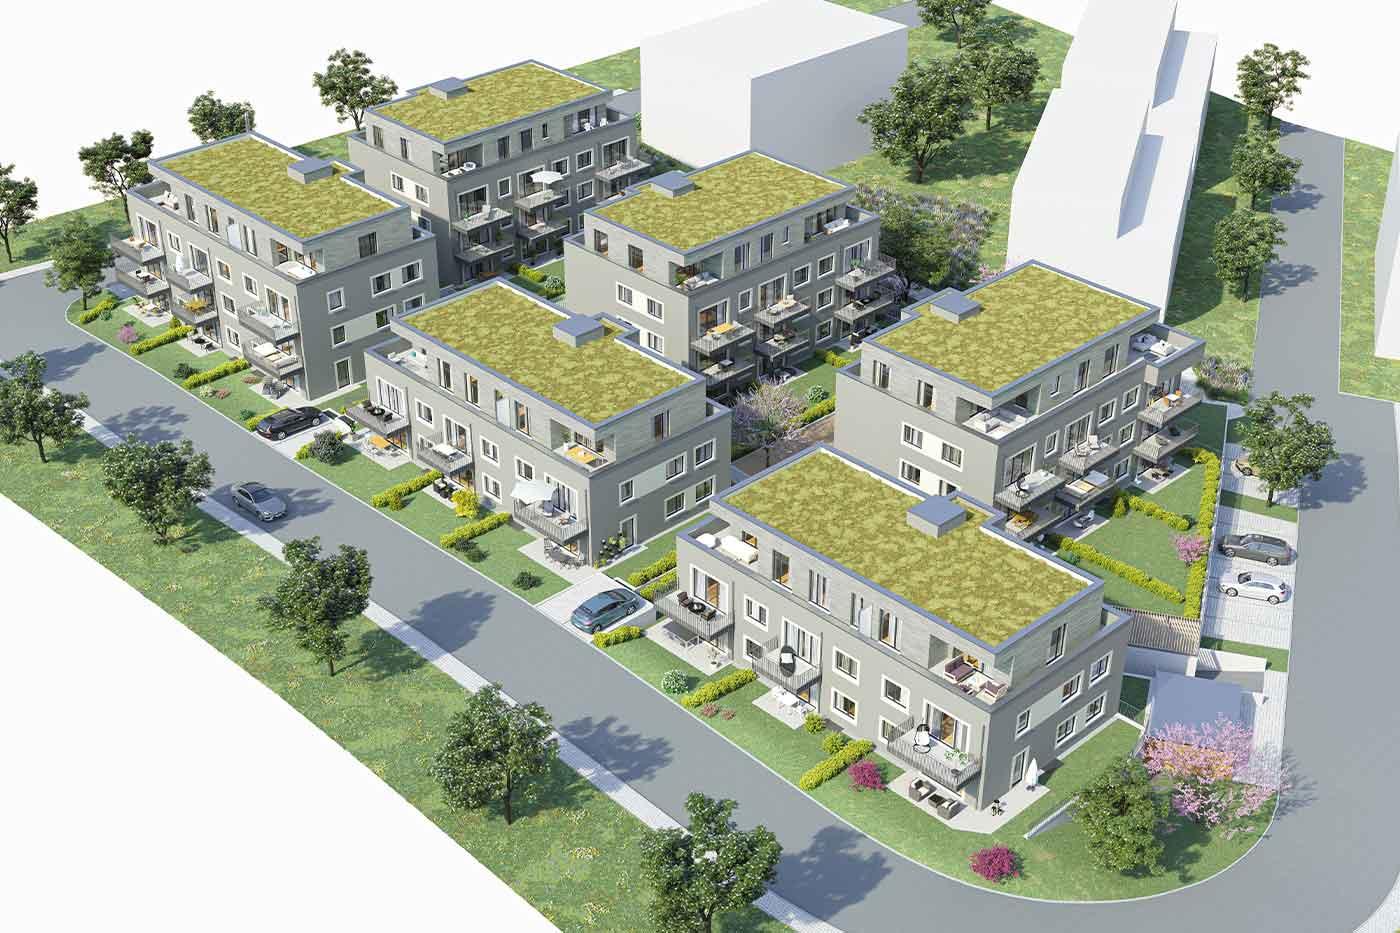 Pfleiderer Projektbau: Wohngebiet Heisse Klinge, Schwaikheim